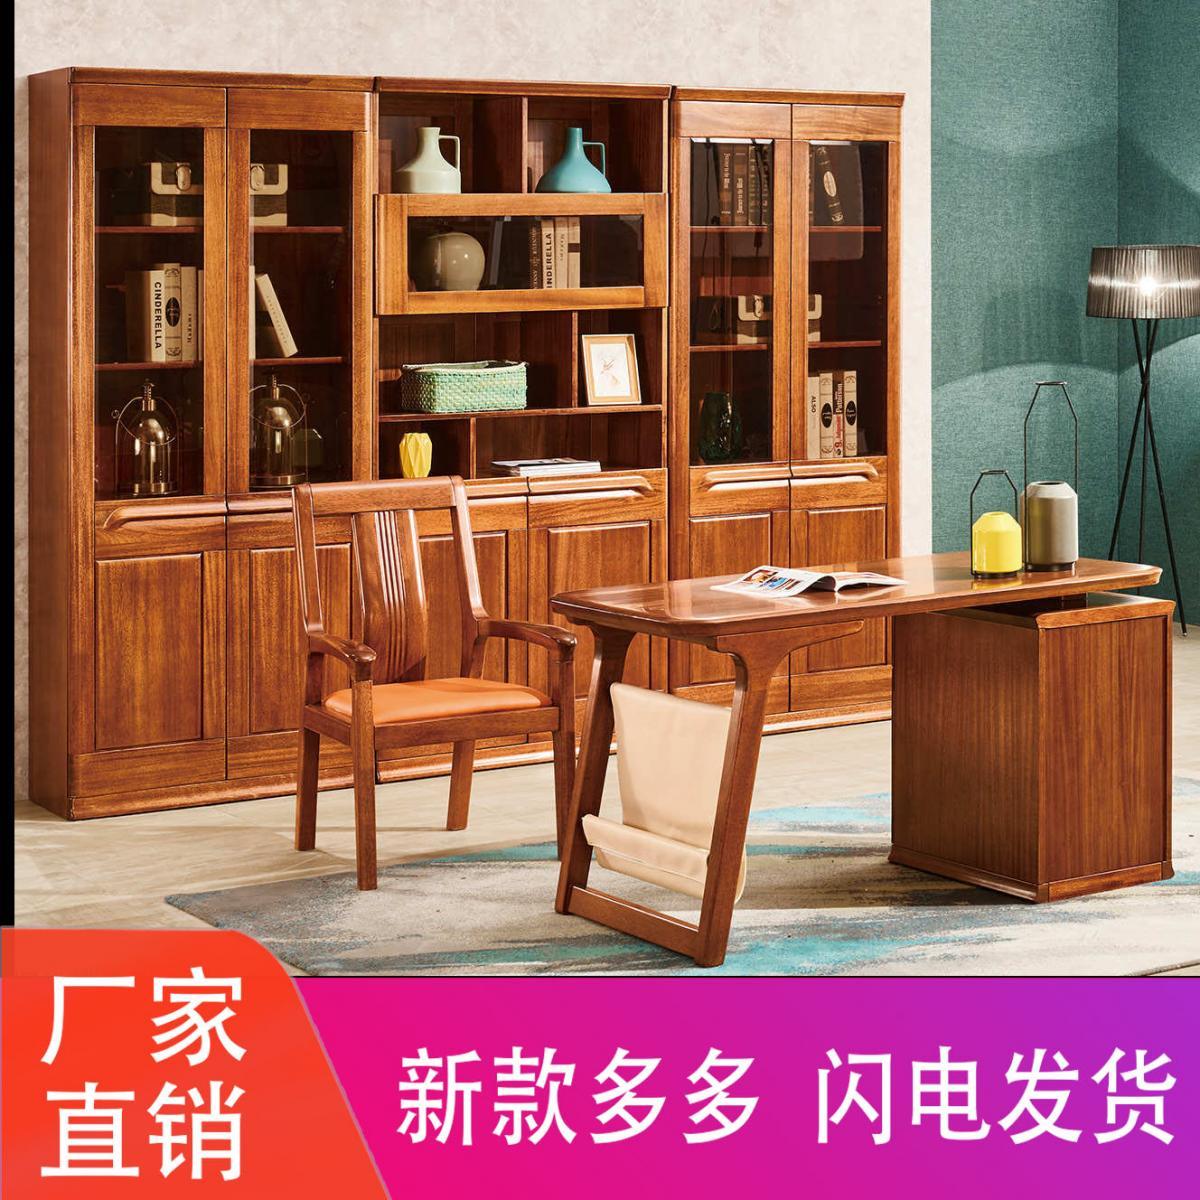 现代中式轻奢乌金木办公桌书房全实木老板桌椅组合套装单个抽屉桌